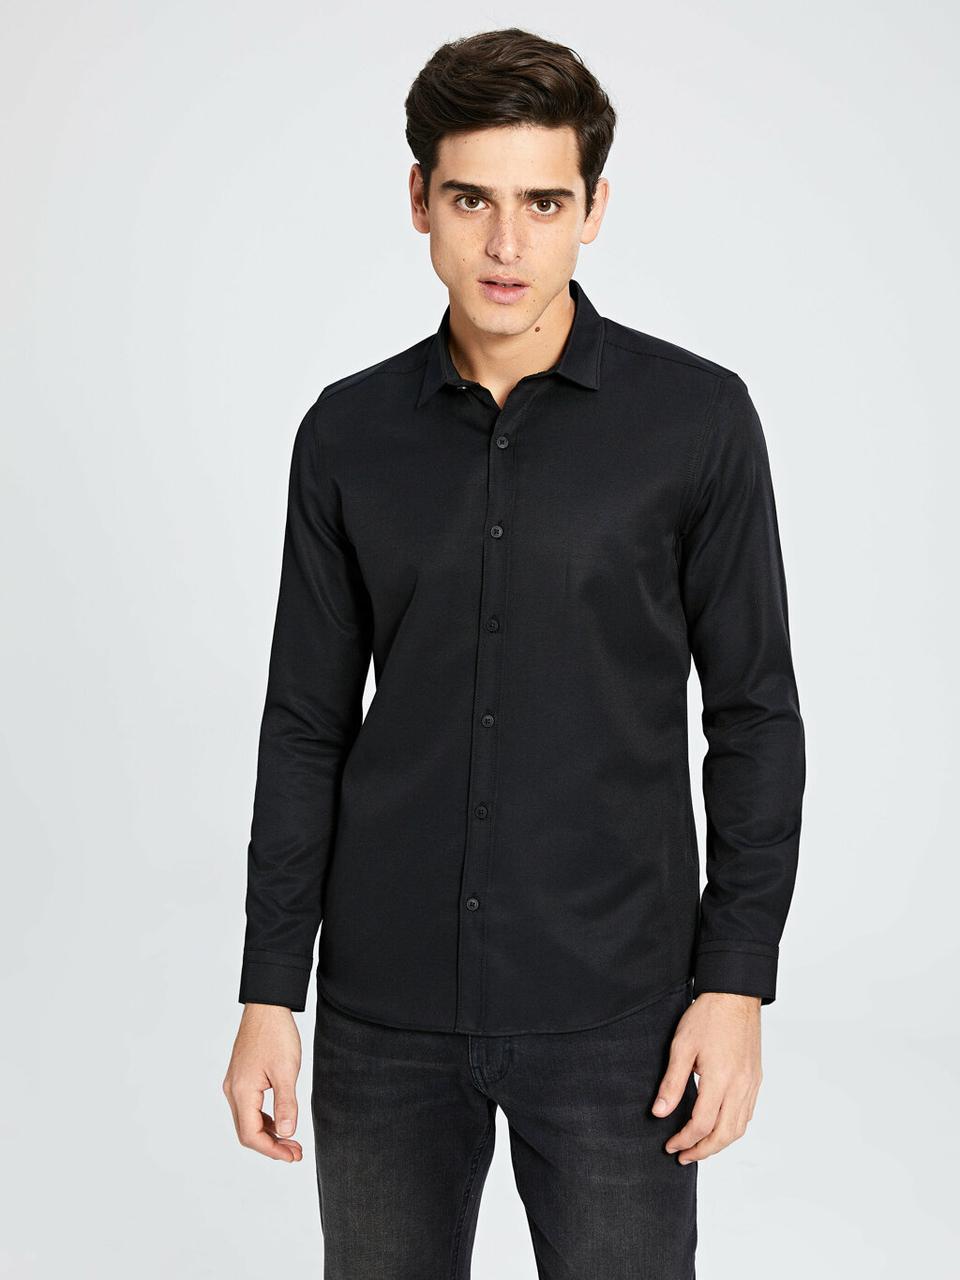 Черная мужская рубашка LC Waikiki / ЛС Вайкики с длинными рукавами, на черных пуговицах